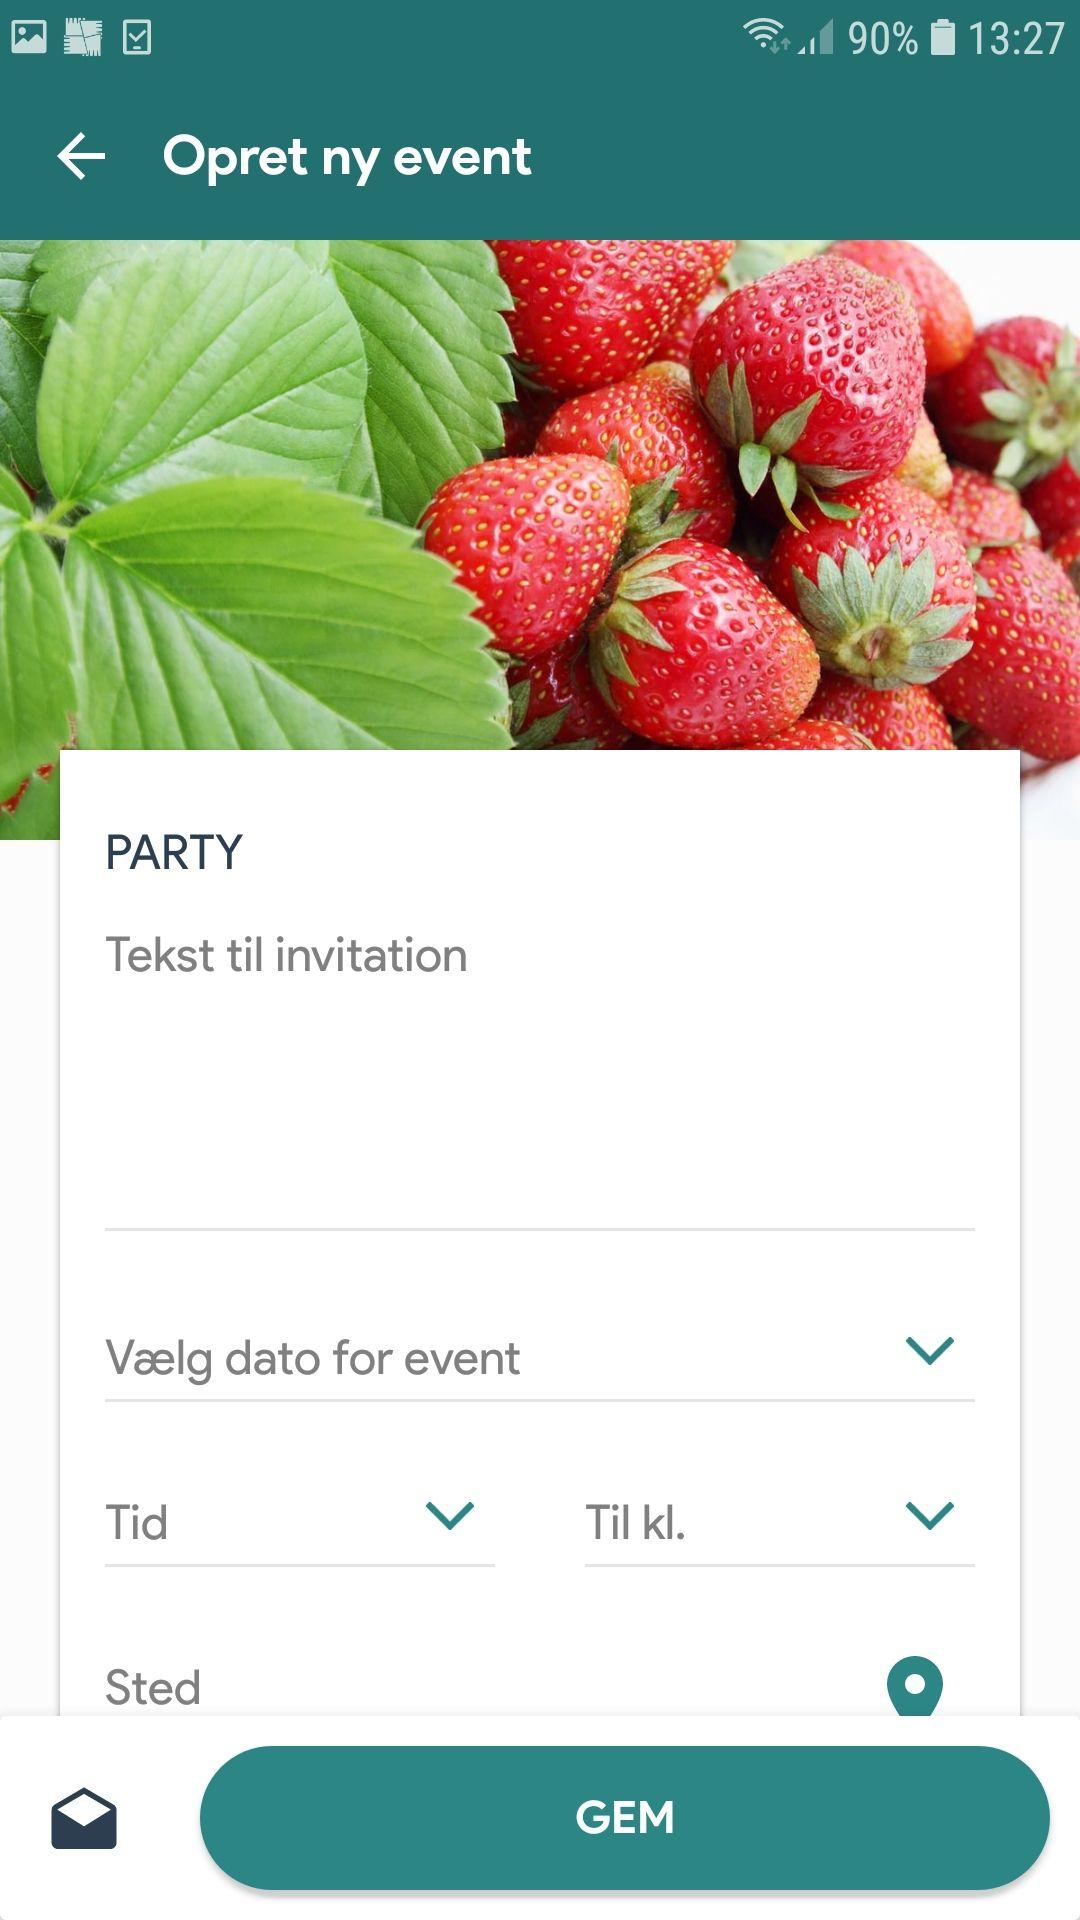 I Vores Invitationsapp Kan Du Ikke Bare Nemt Og Enkelt Lave Flotte Invitationer Du Kan Ogsa Sende Dem Via Sms Eller Appen Og Administrere Din Event Inbjudningar